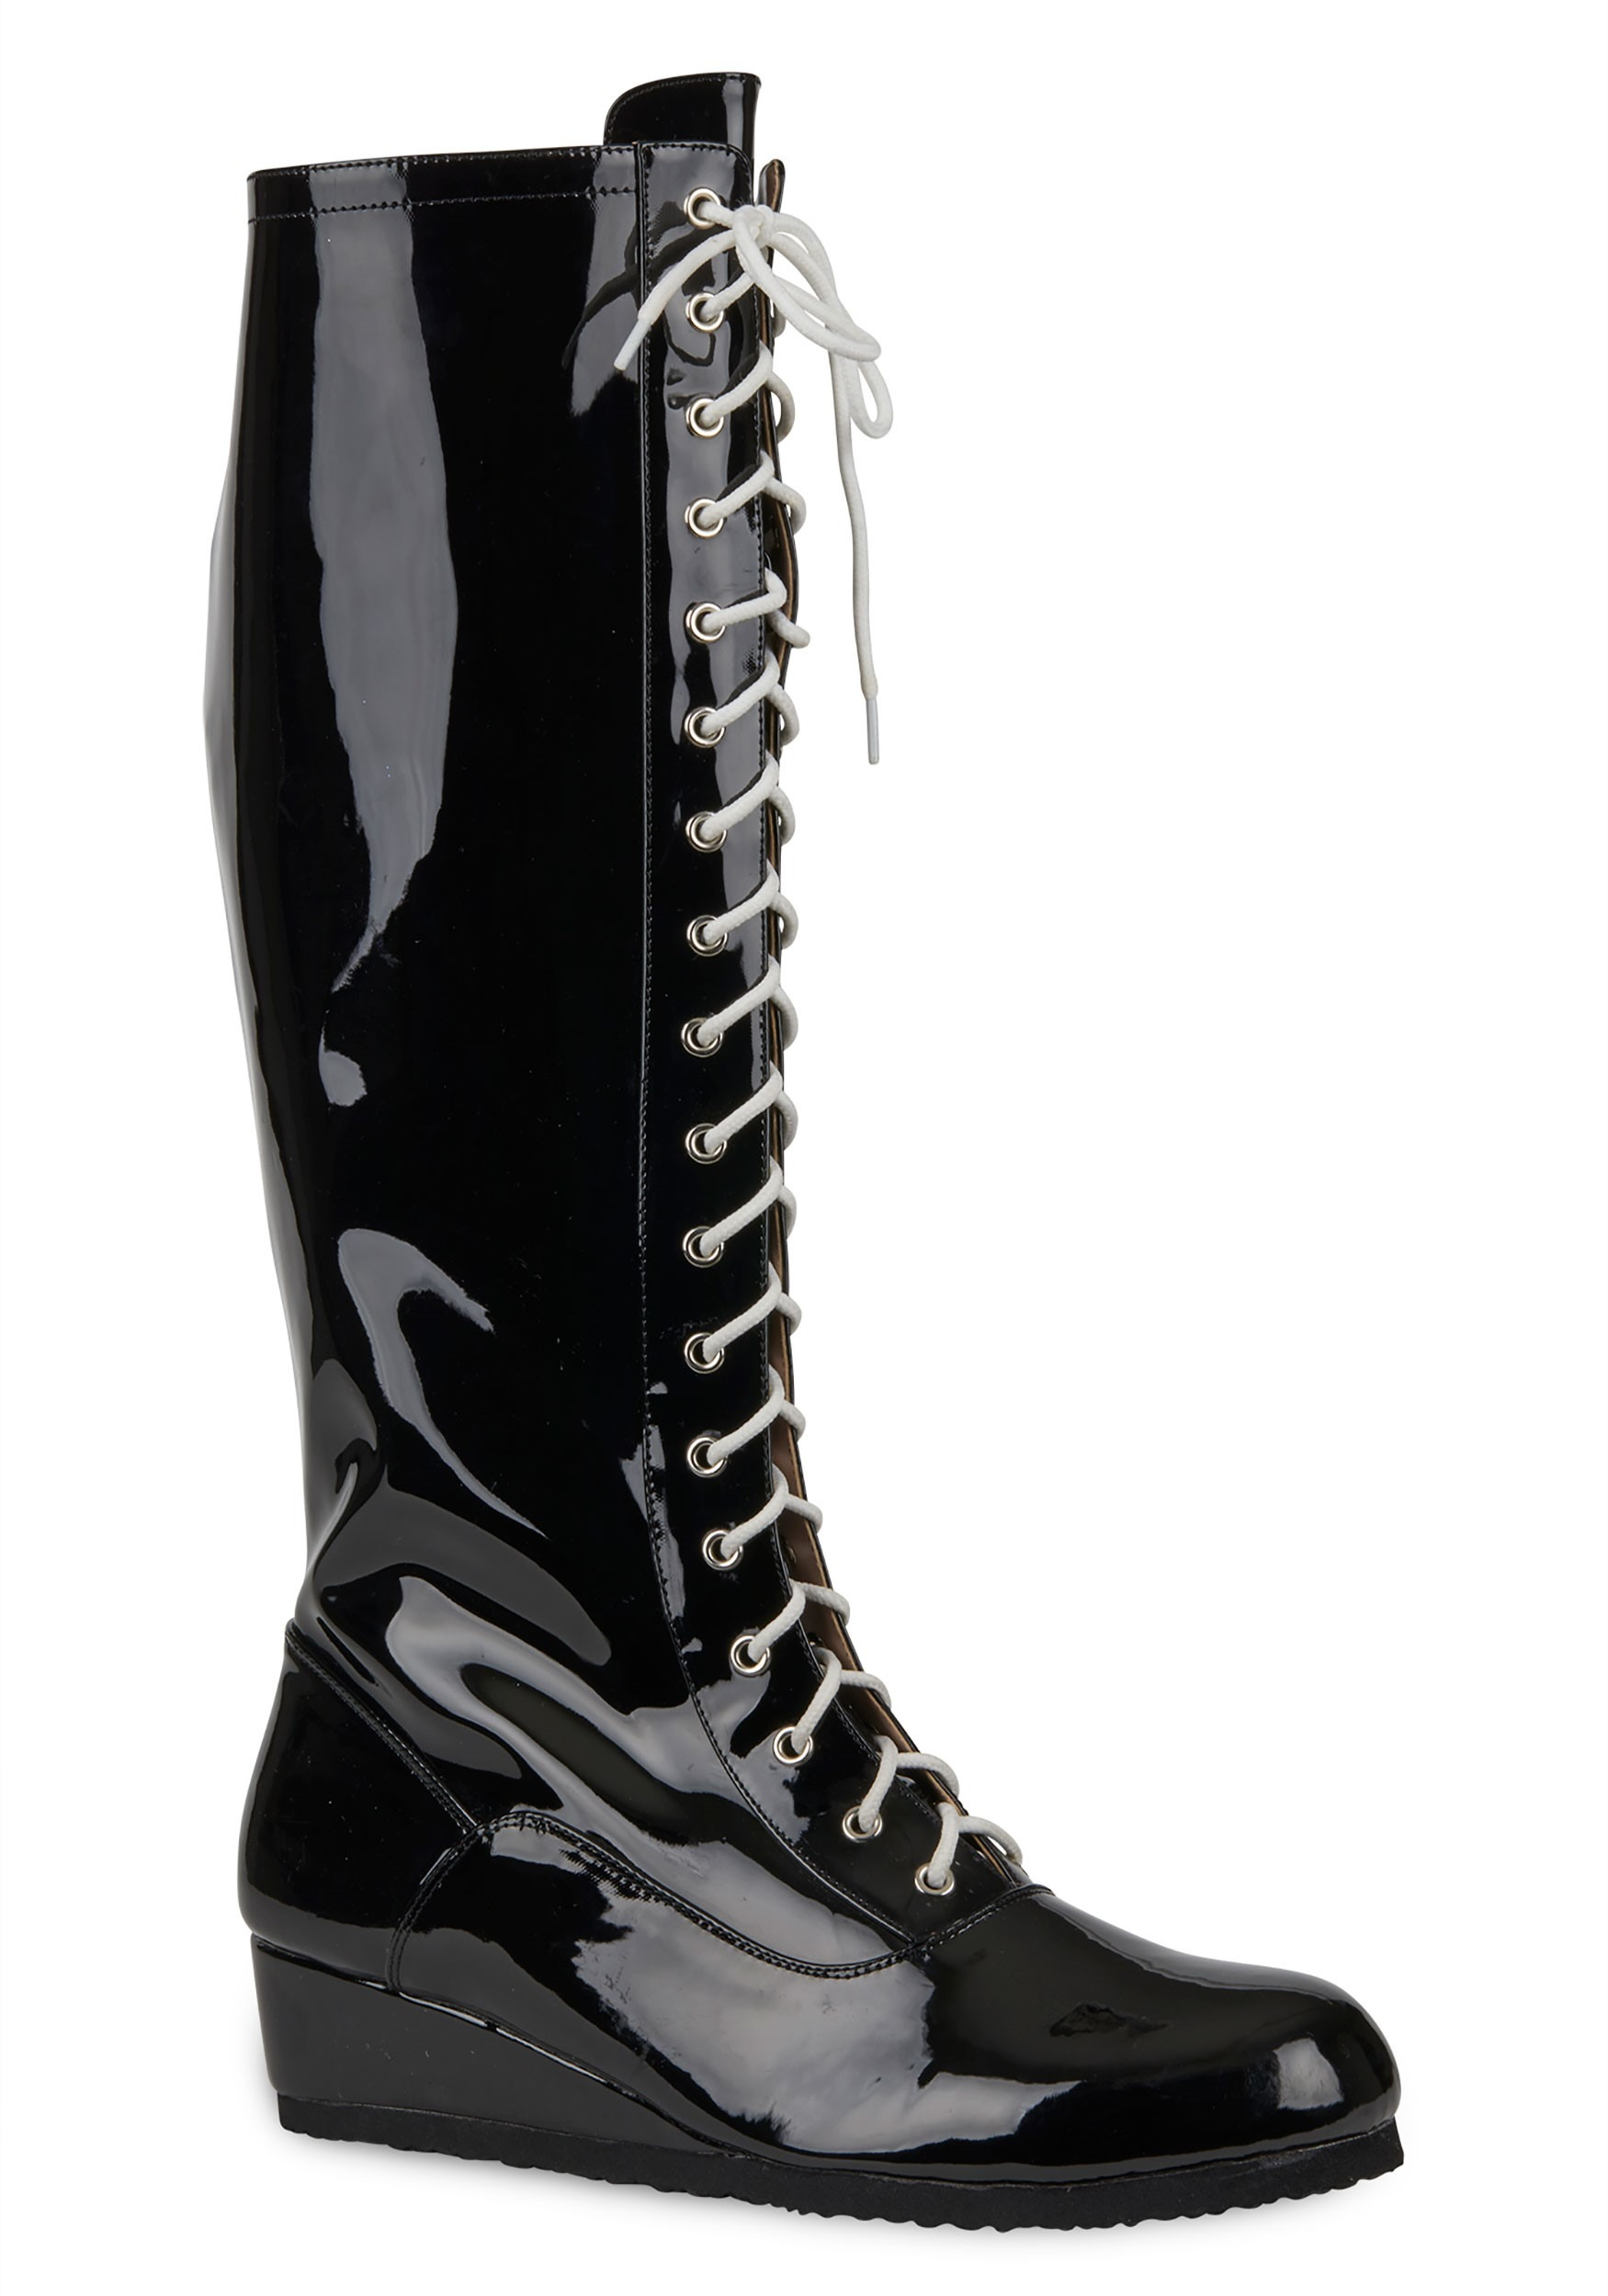 Black Wrestling Boots for Men